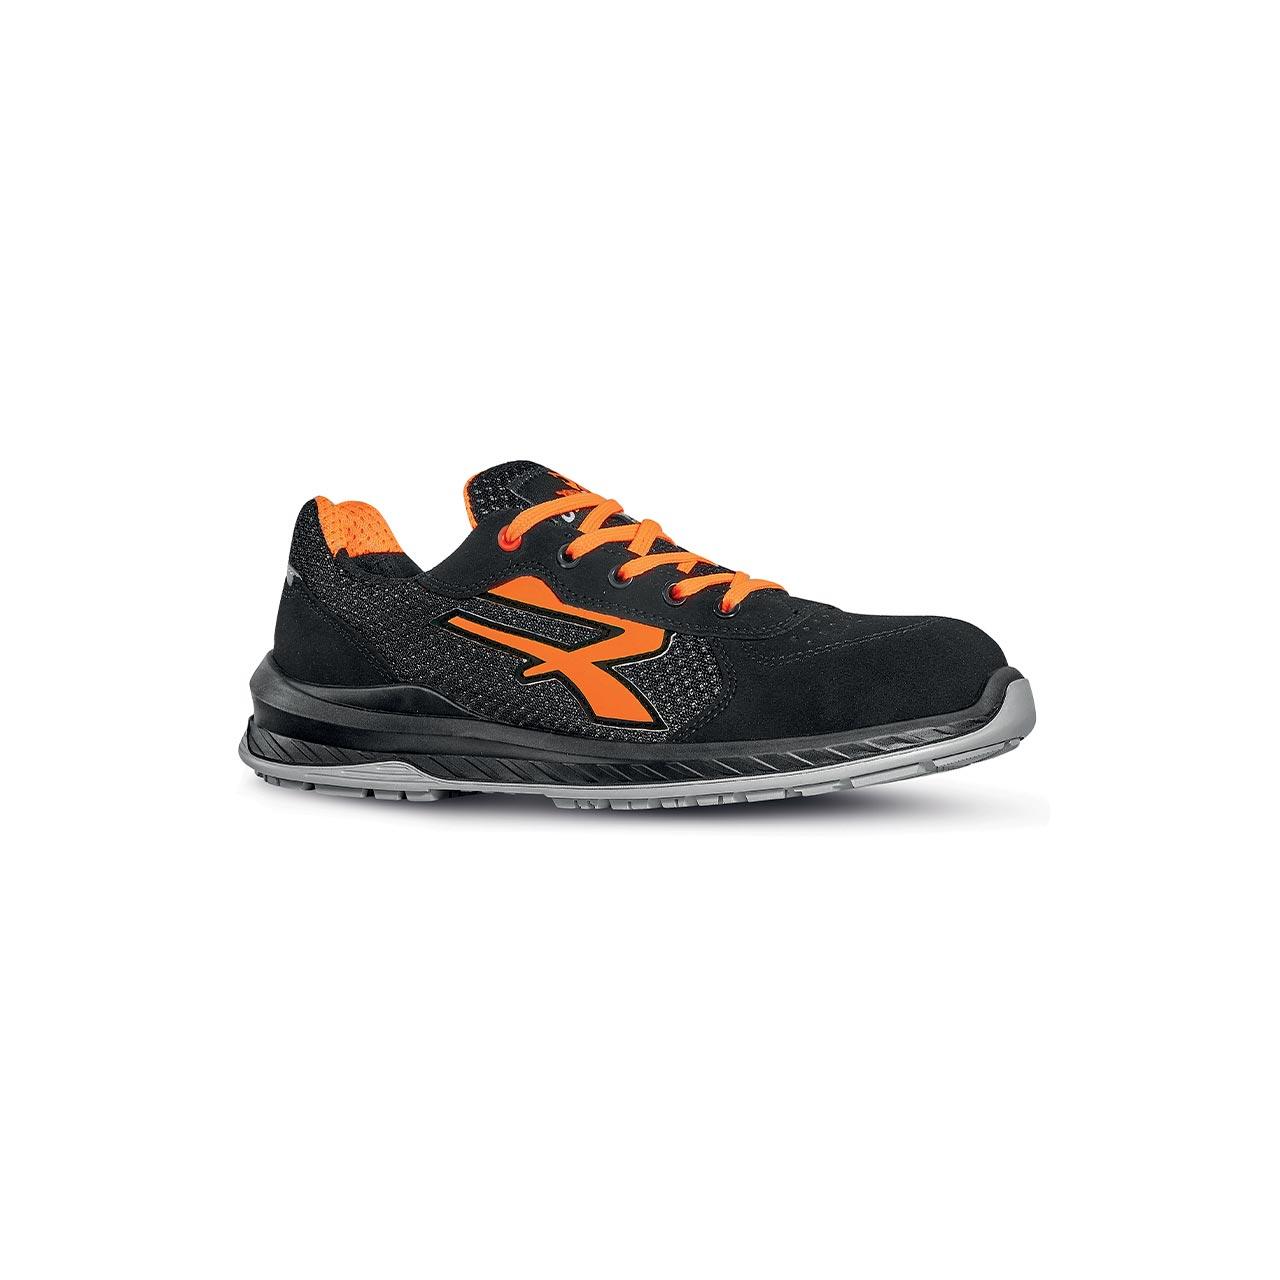 scarpa antinfortunistica upower modello nairobi linea redindustry vista laterale